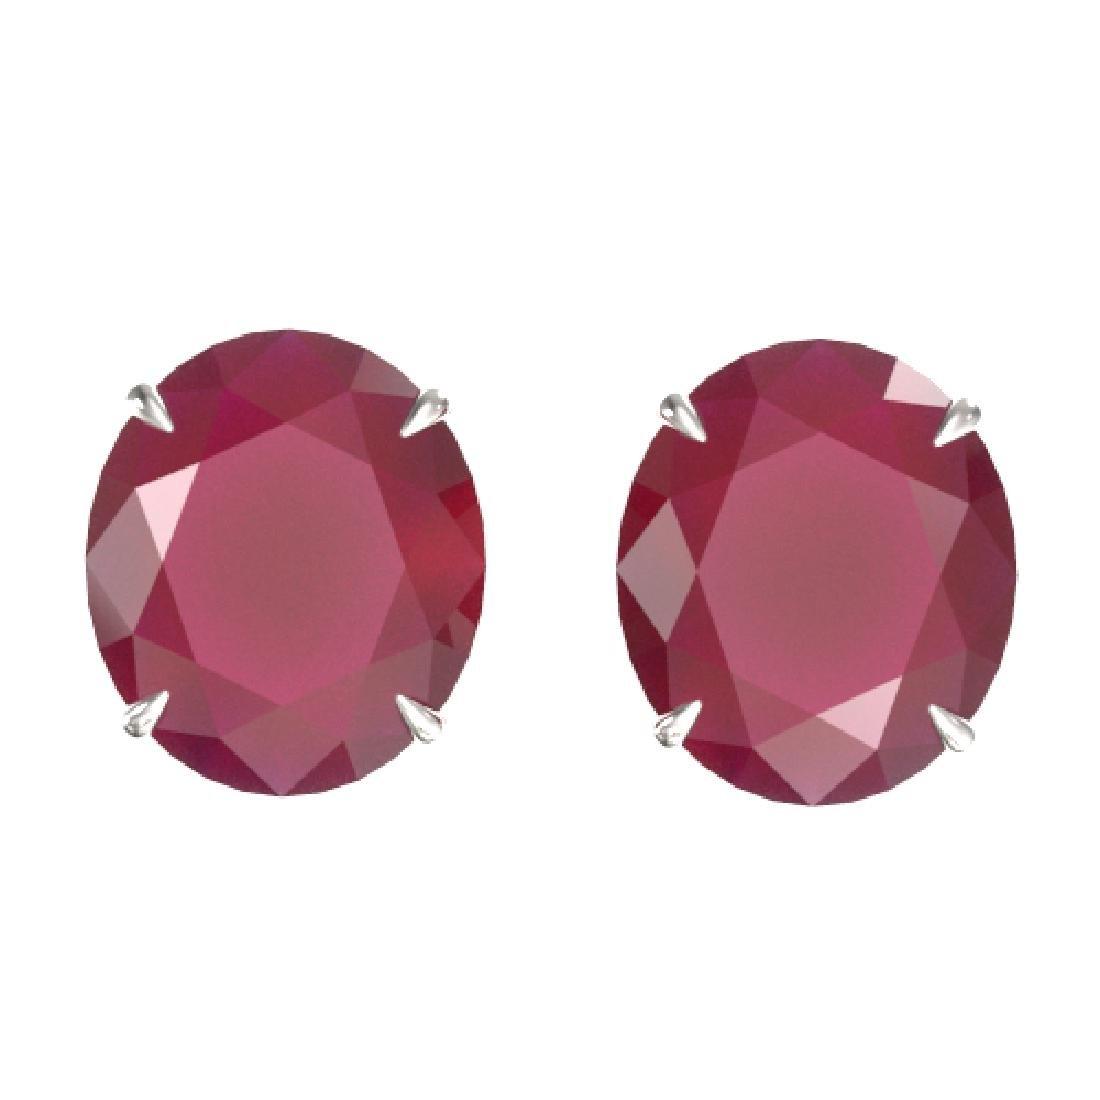 18 CTW Ruby Designer Solitaire Stud Earrings 18K White